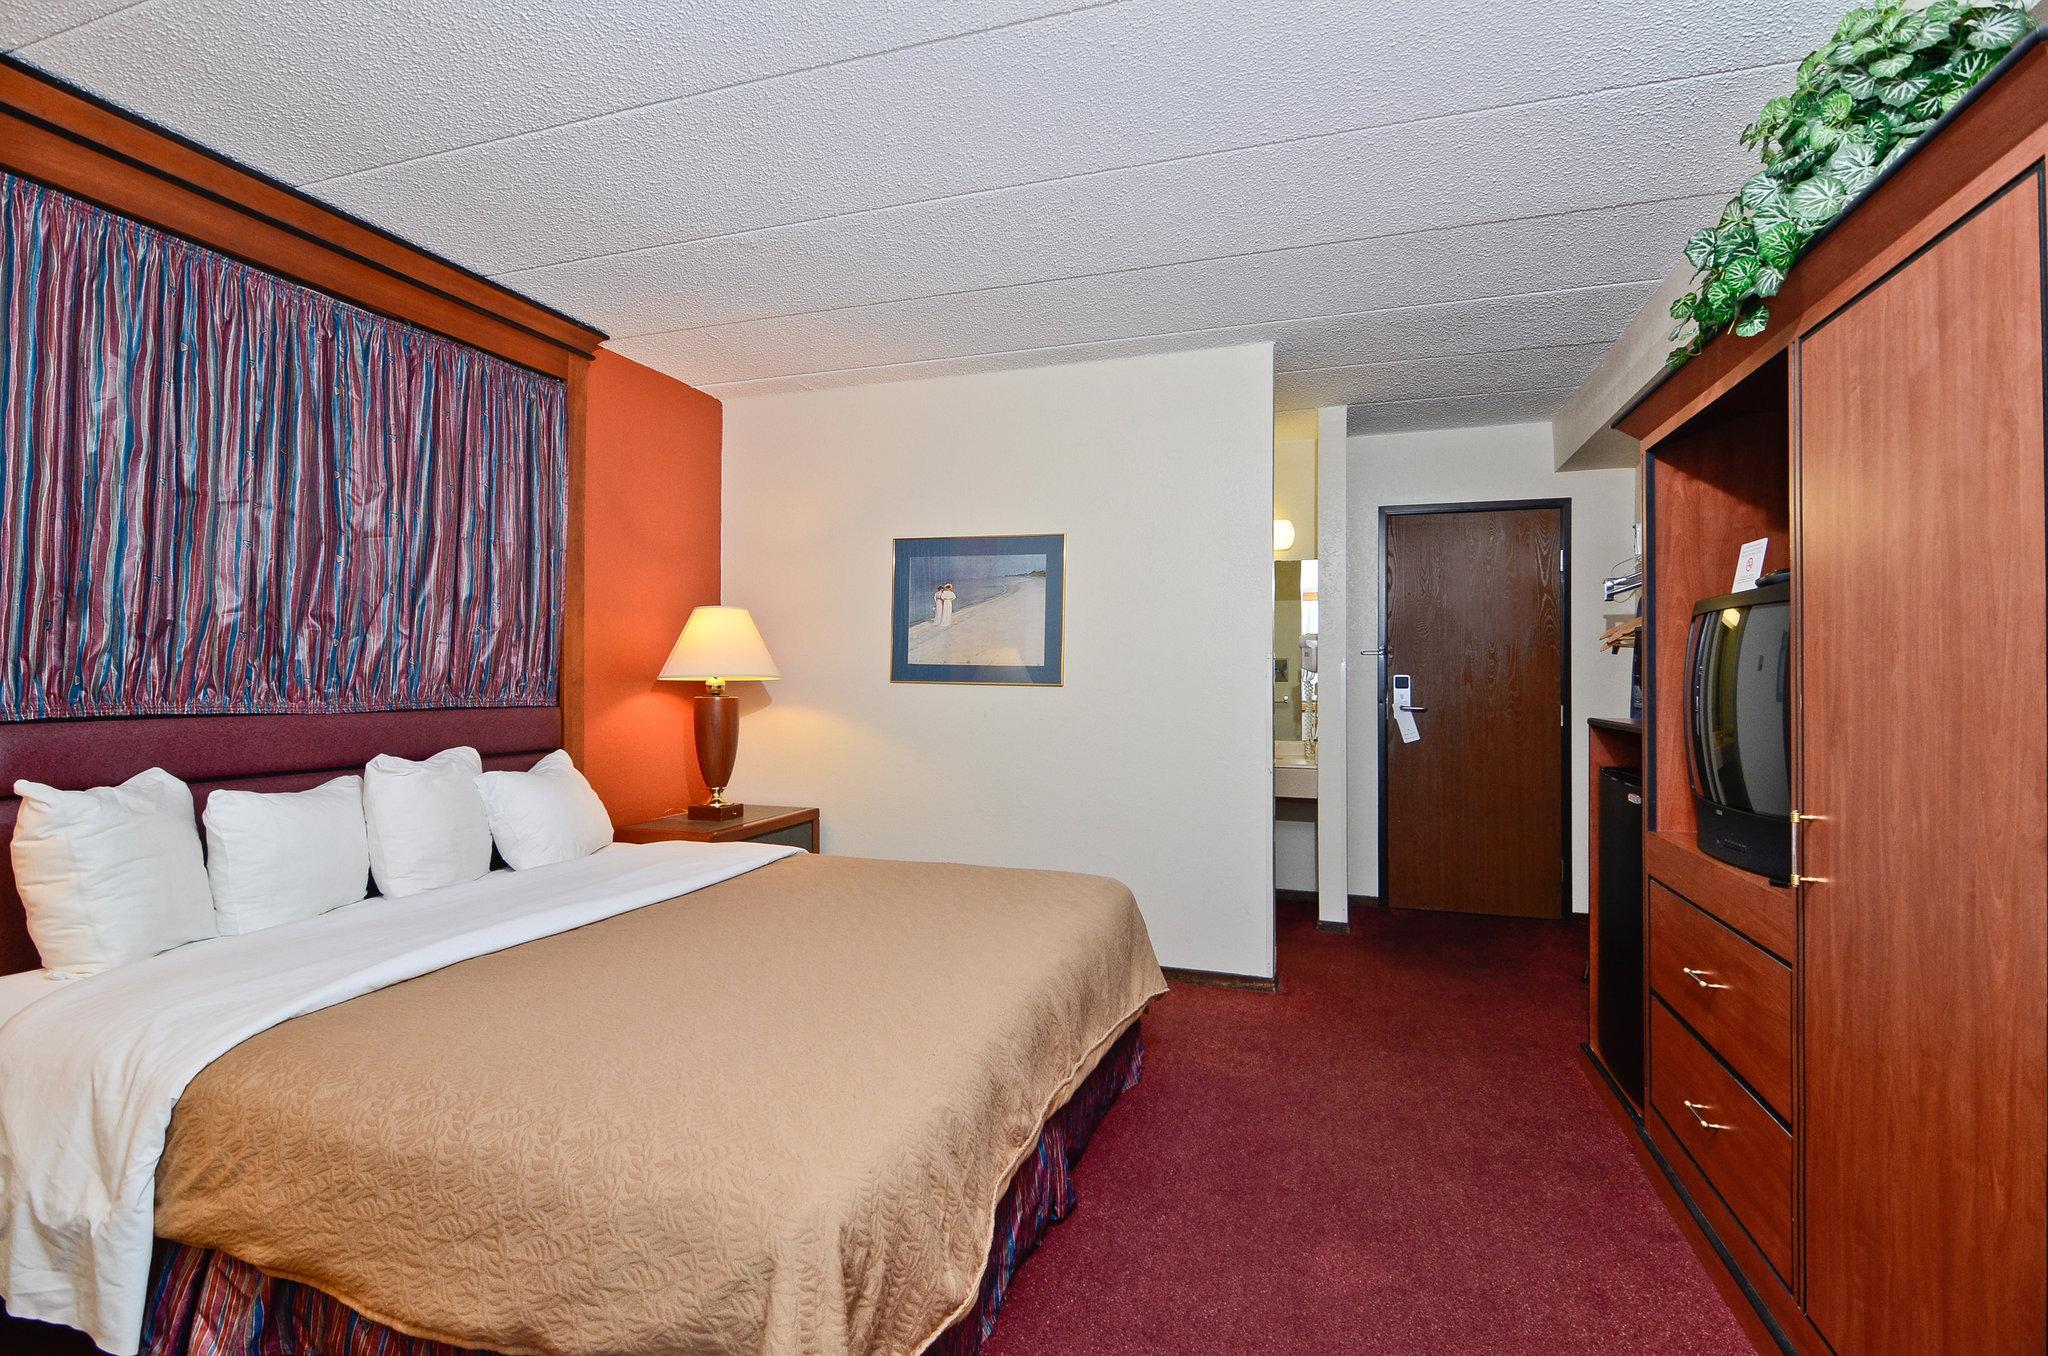 Americas Best Value Inn-Stillwater/St. Paul